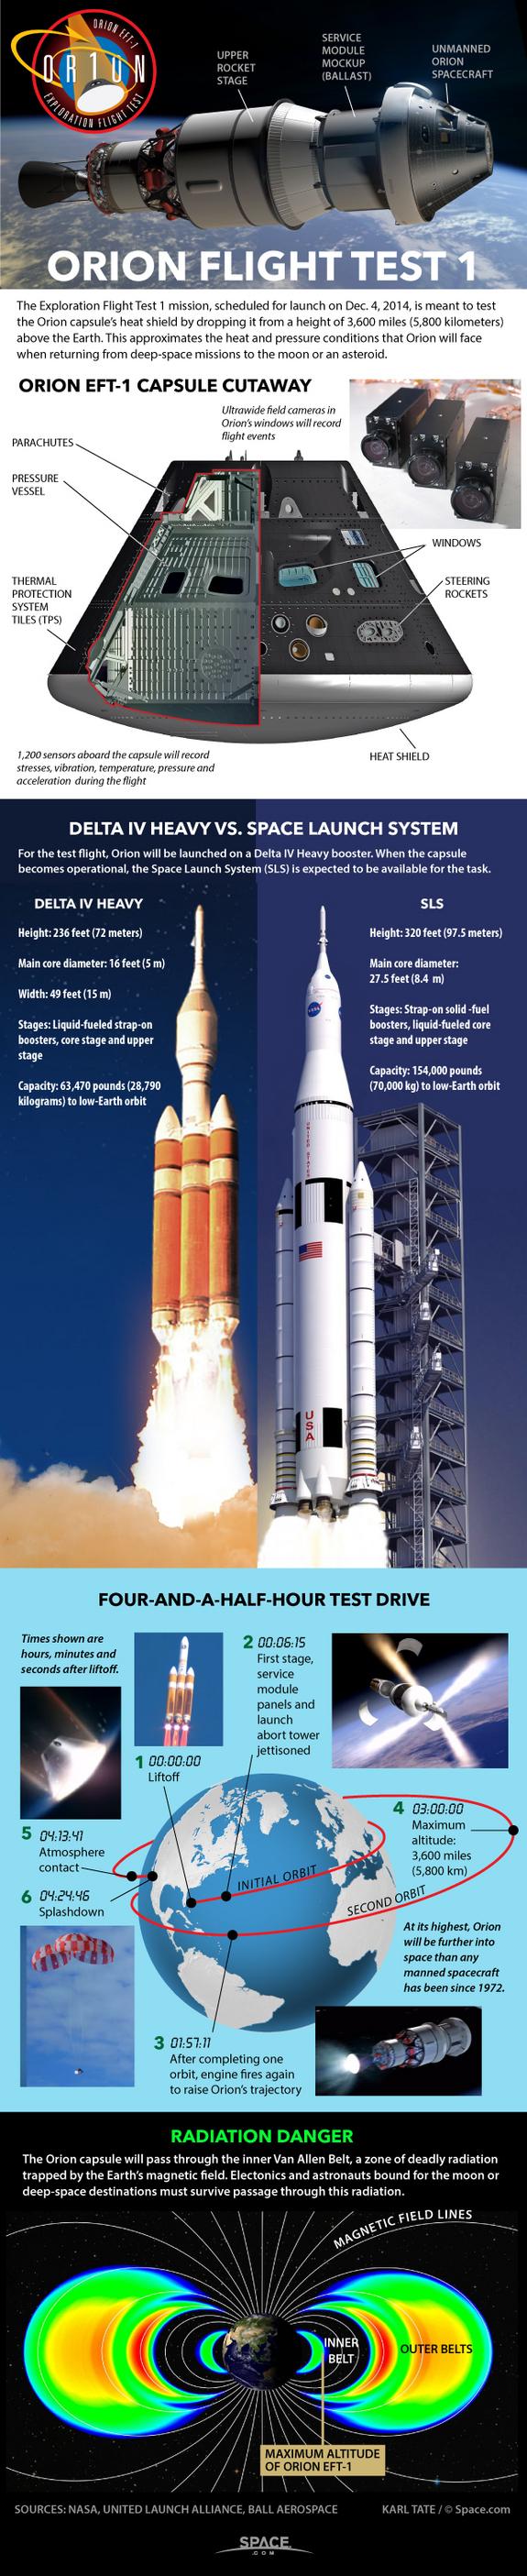 Infographie Space.com sur l'EFT-1 d'Orion